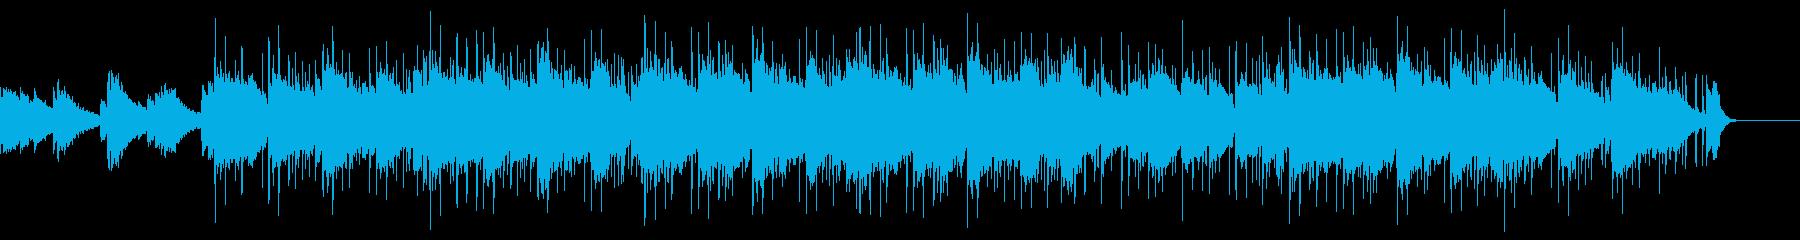 【エレキギター専門】エンディング曲の再生済みの波形